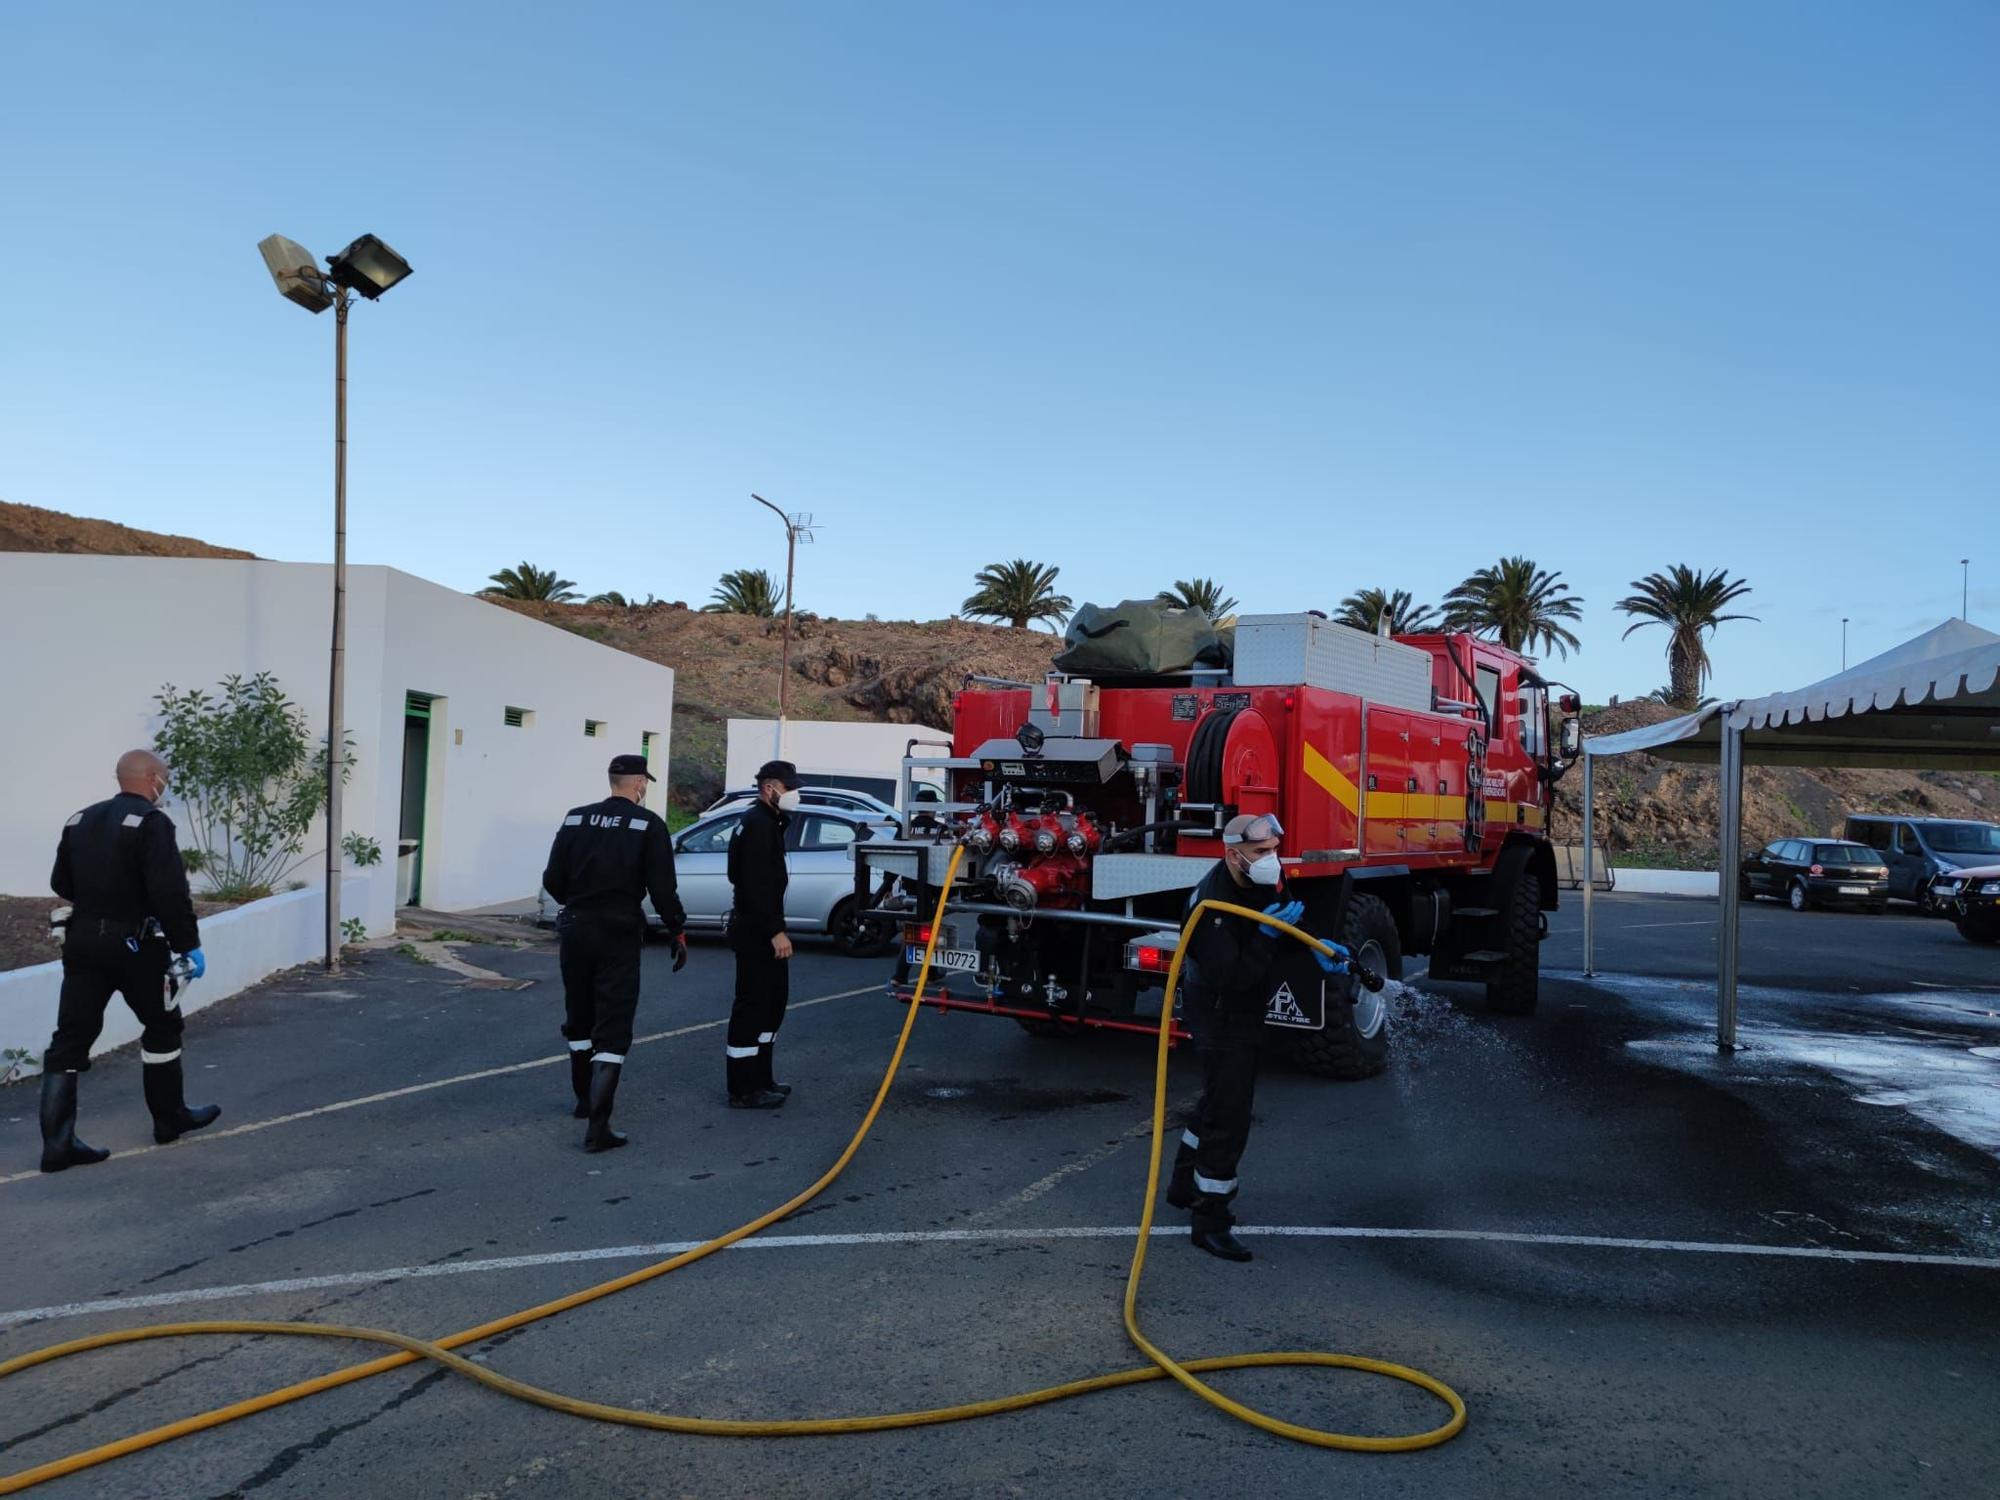 La UME vuelve a intervenir en Lanzarote para frenar los contagios